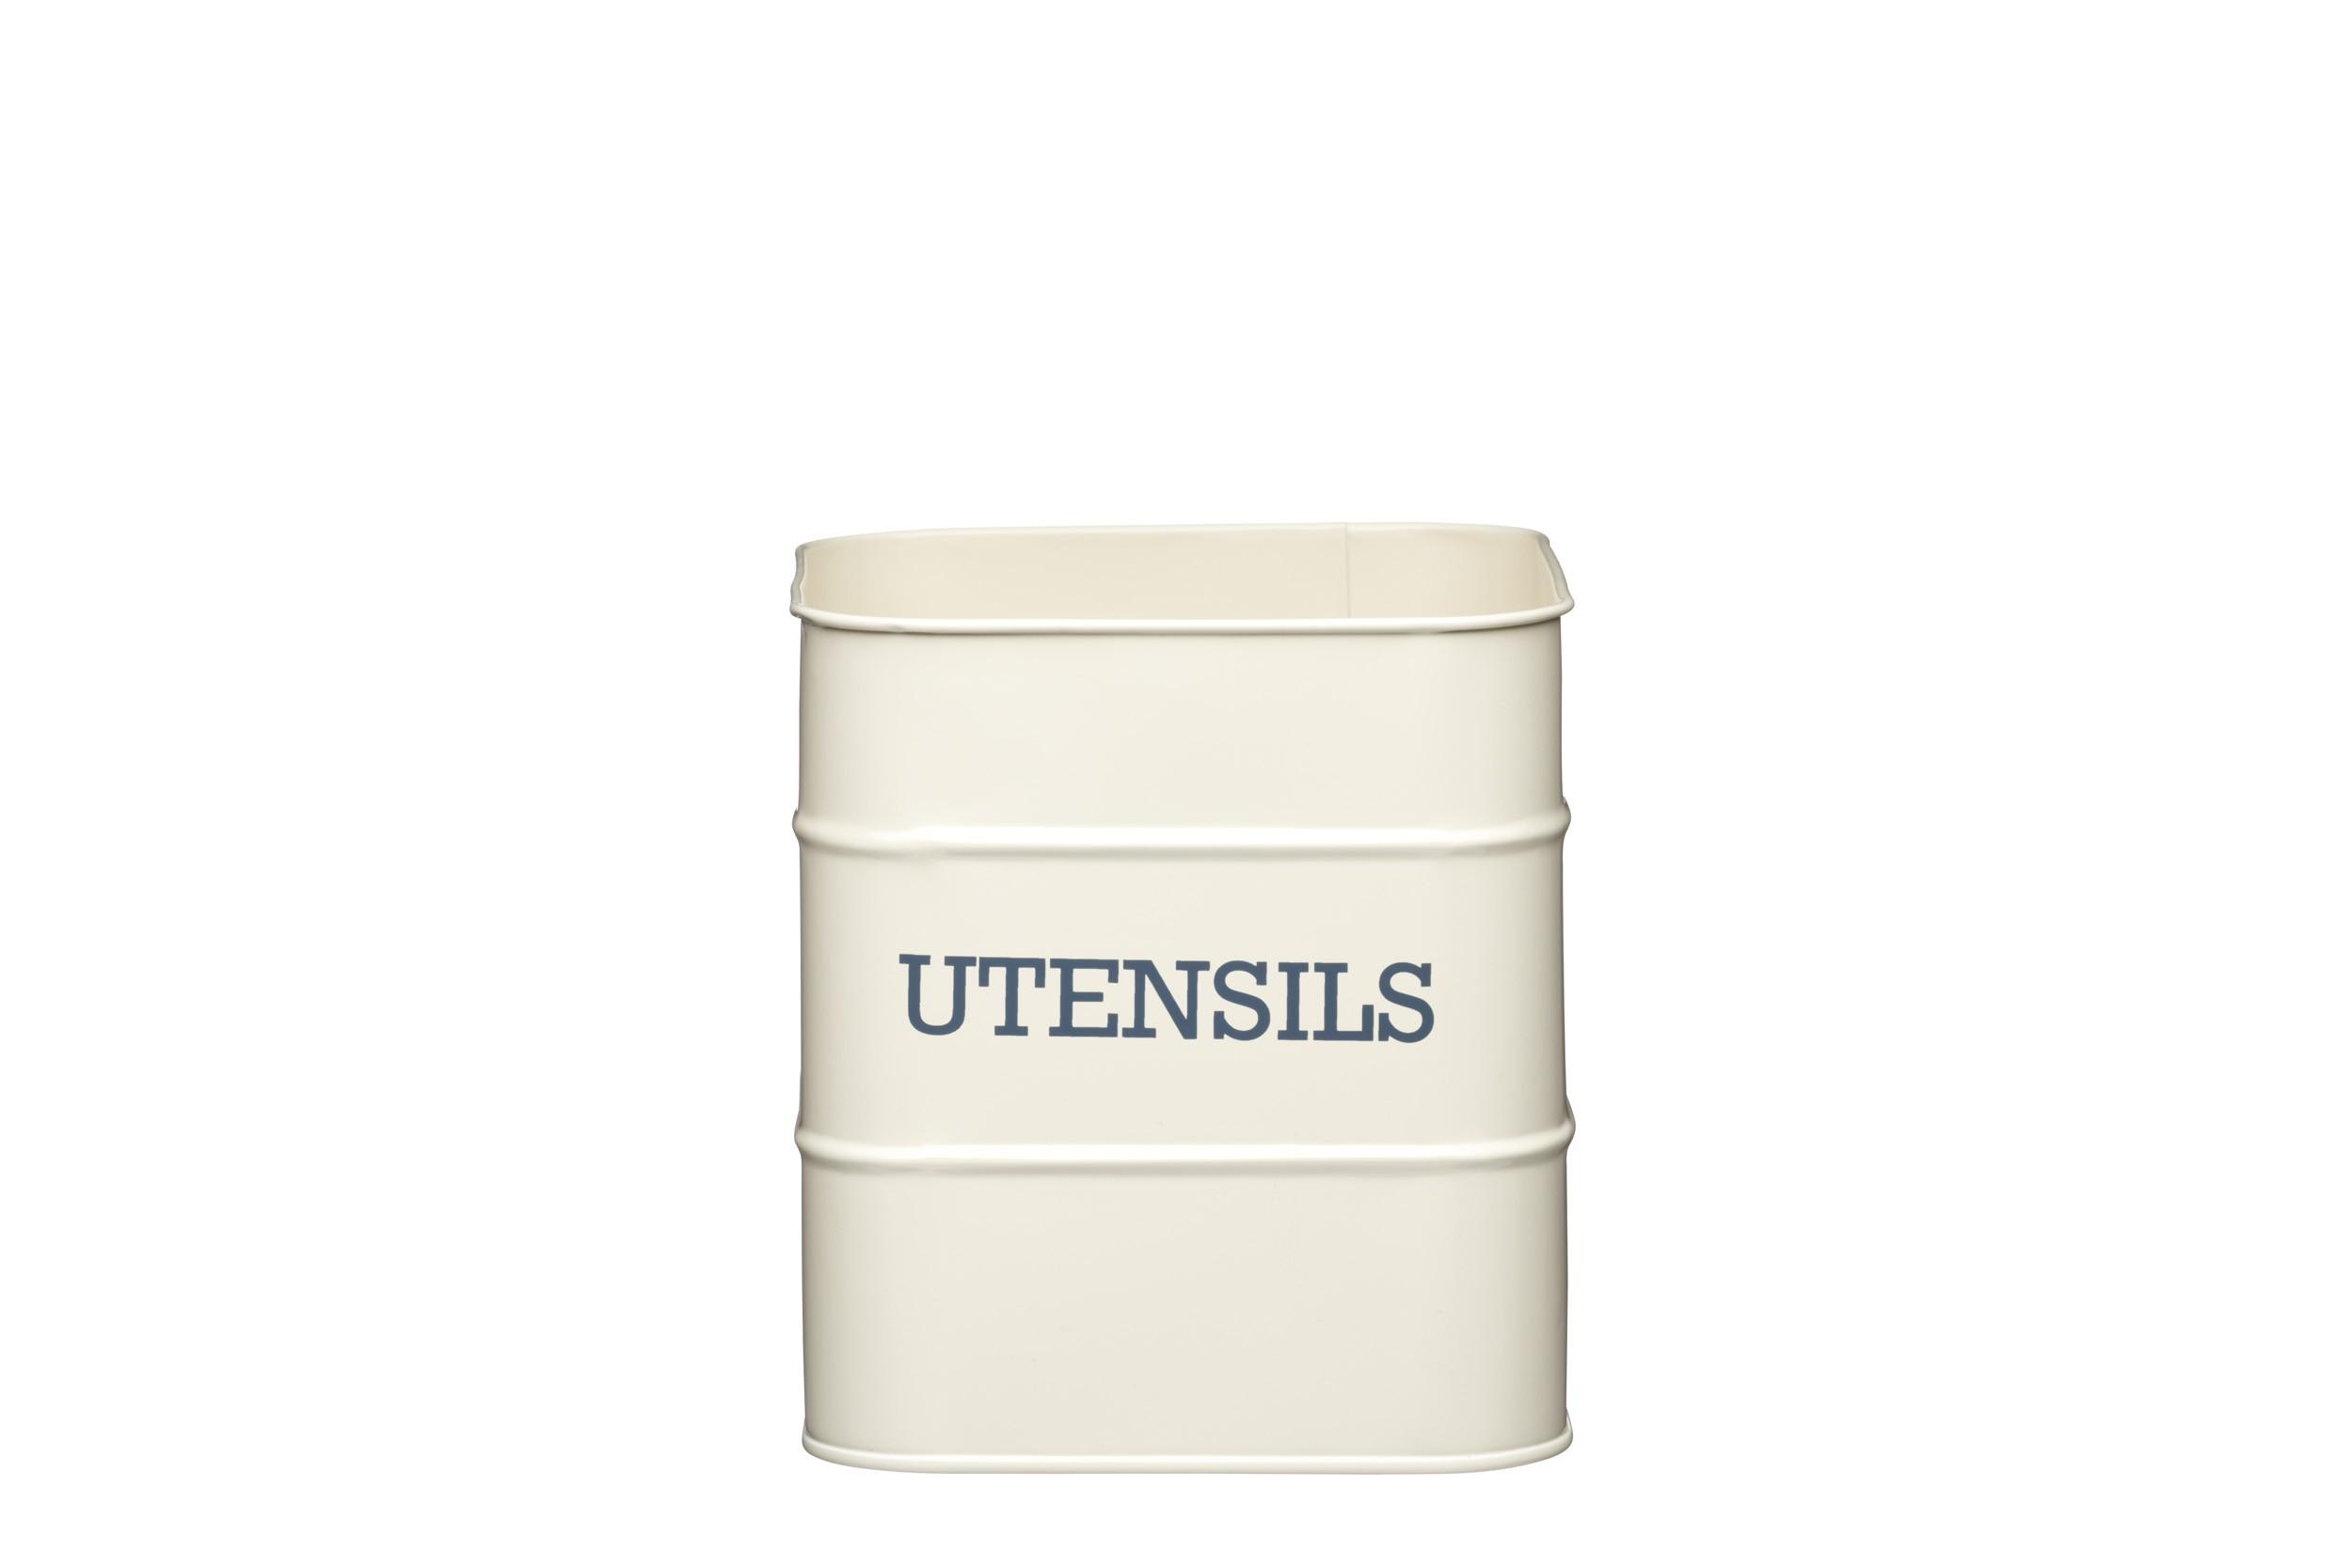 Kitchen Craft Living Nostalgia Utensil Cream 15cm X 16cm